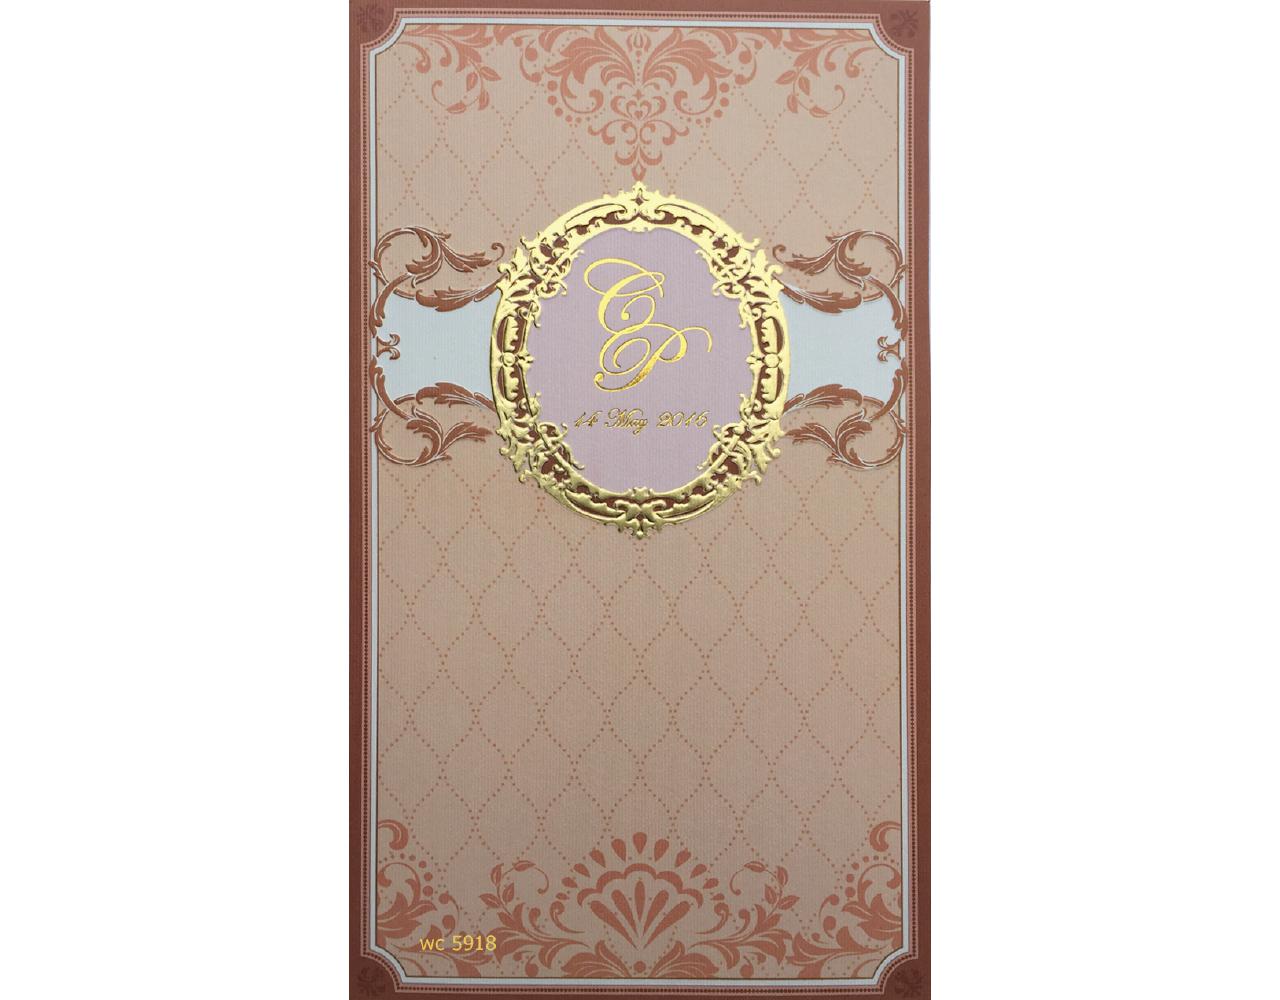 การ์ดแต่งงาน การ์ดเชิญแนวตั้ง สี น้ำตาล พิมพ์ทอง wedding card 4.8x8.3 wc 5918